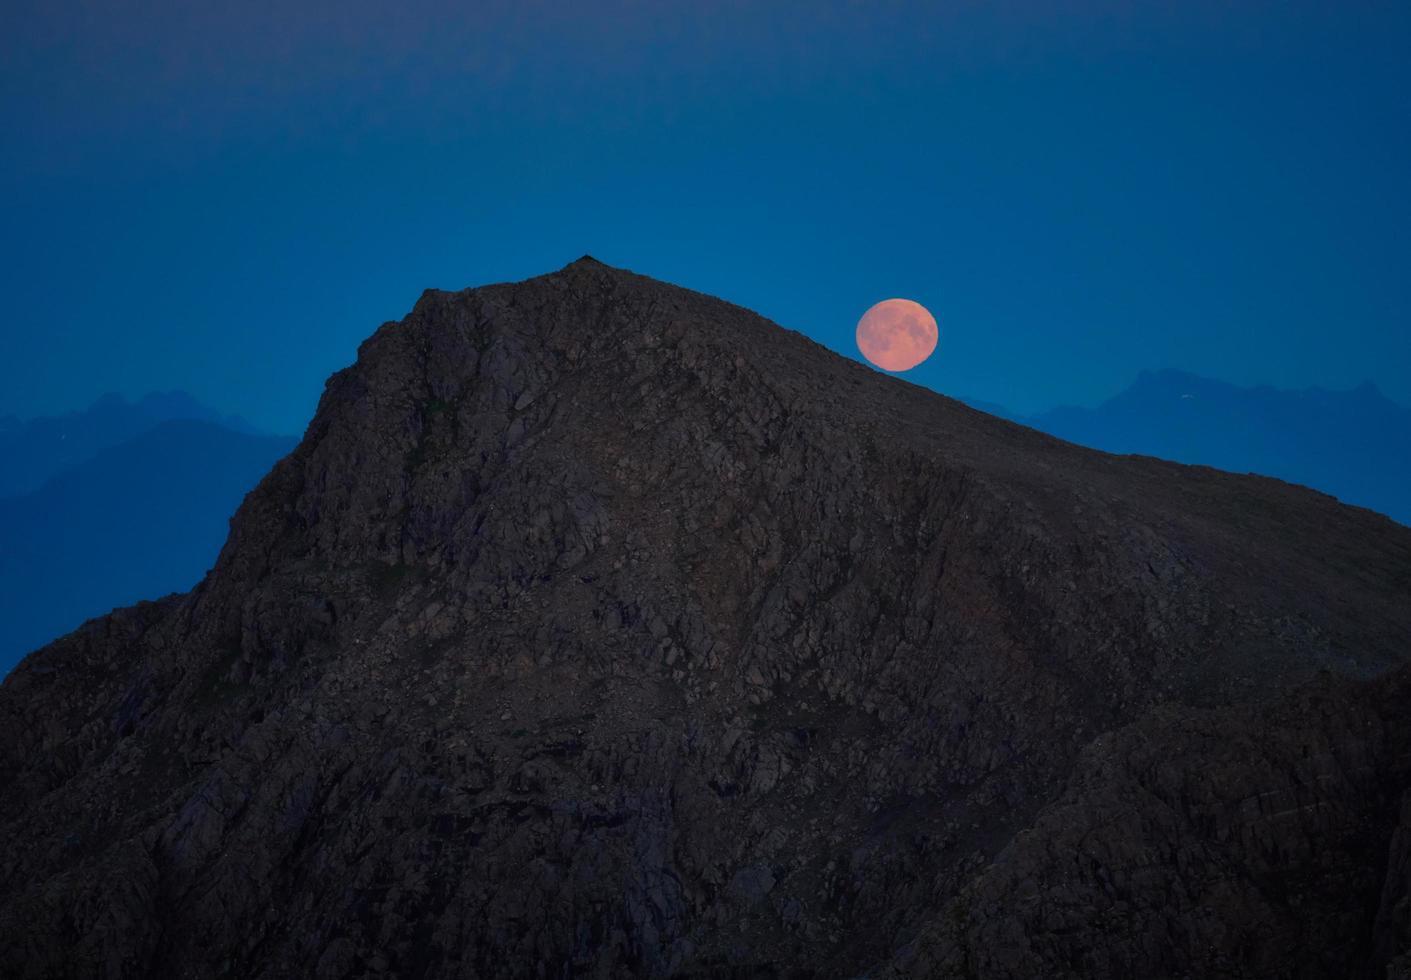 brauner Berg während der Nacht foto